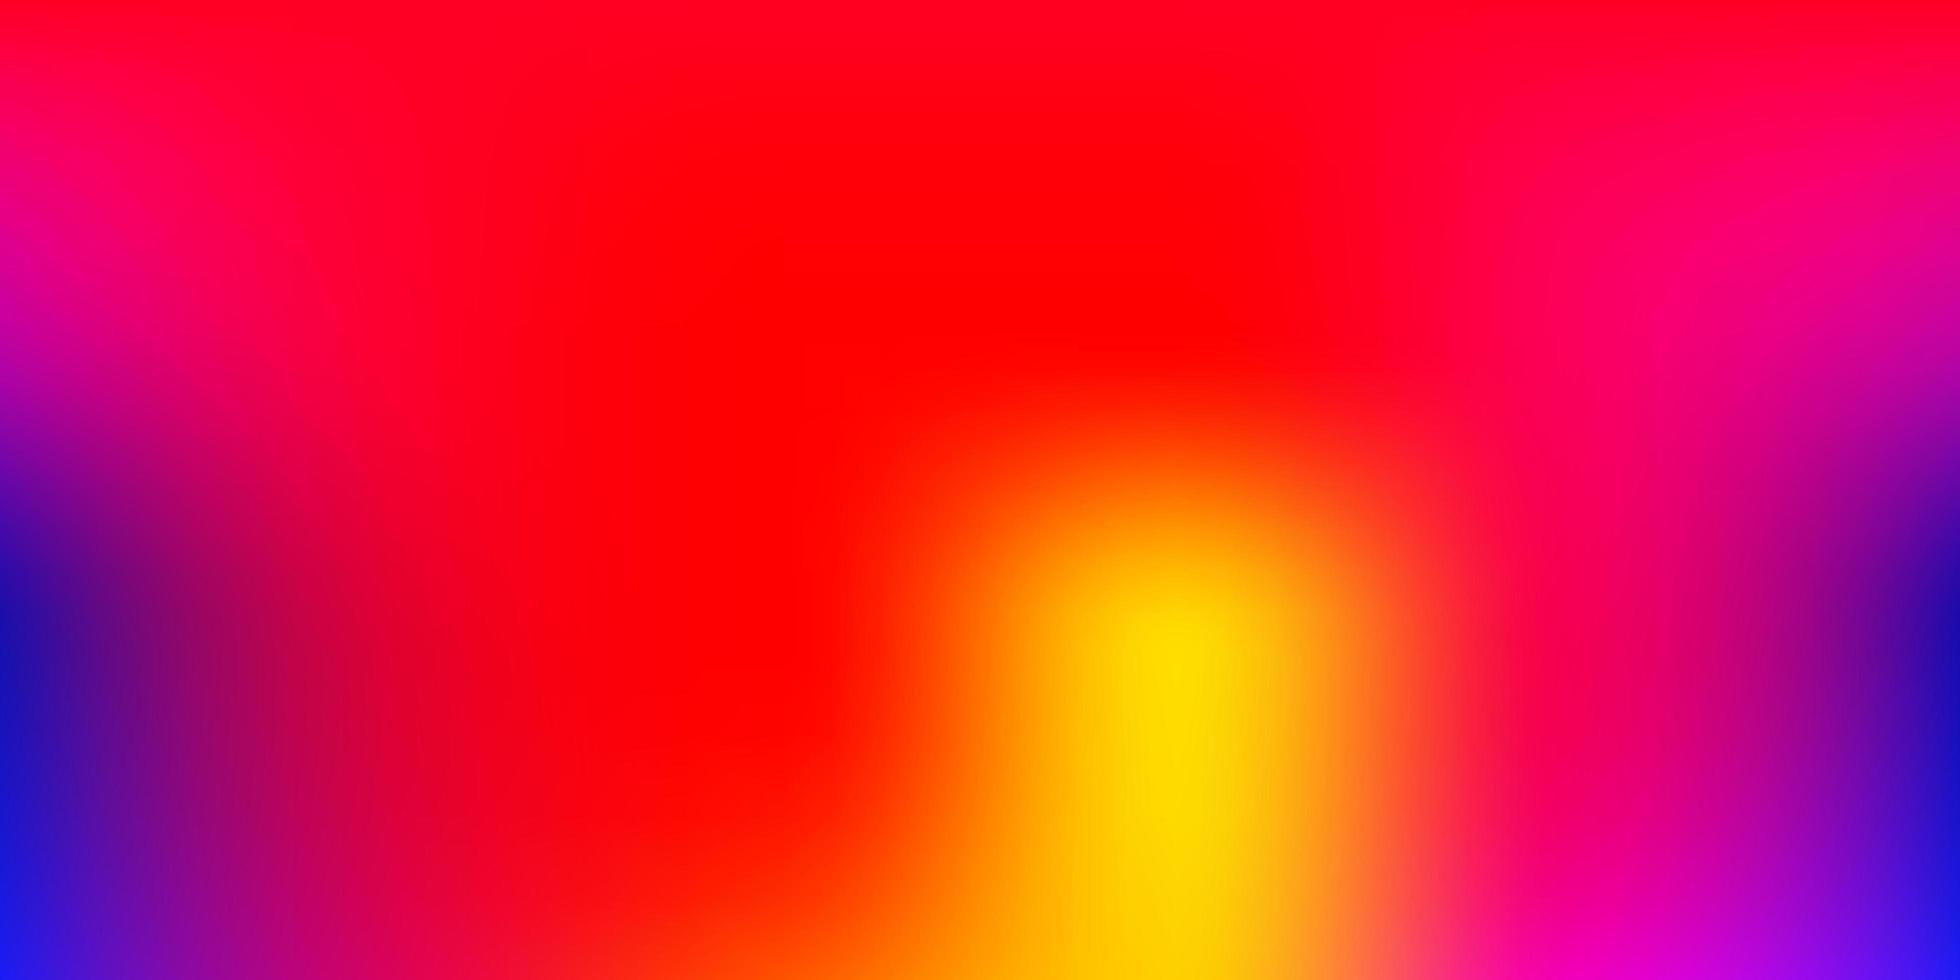 ljusröd, gul vektor abstrakt oskärpa ritning.